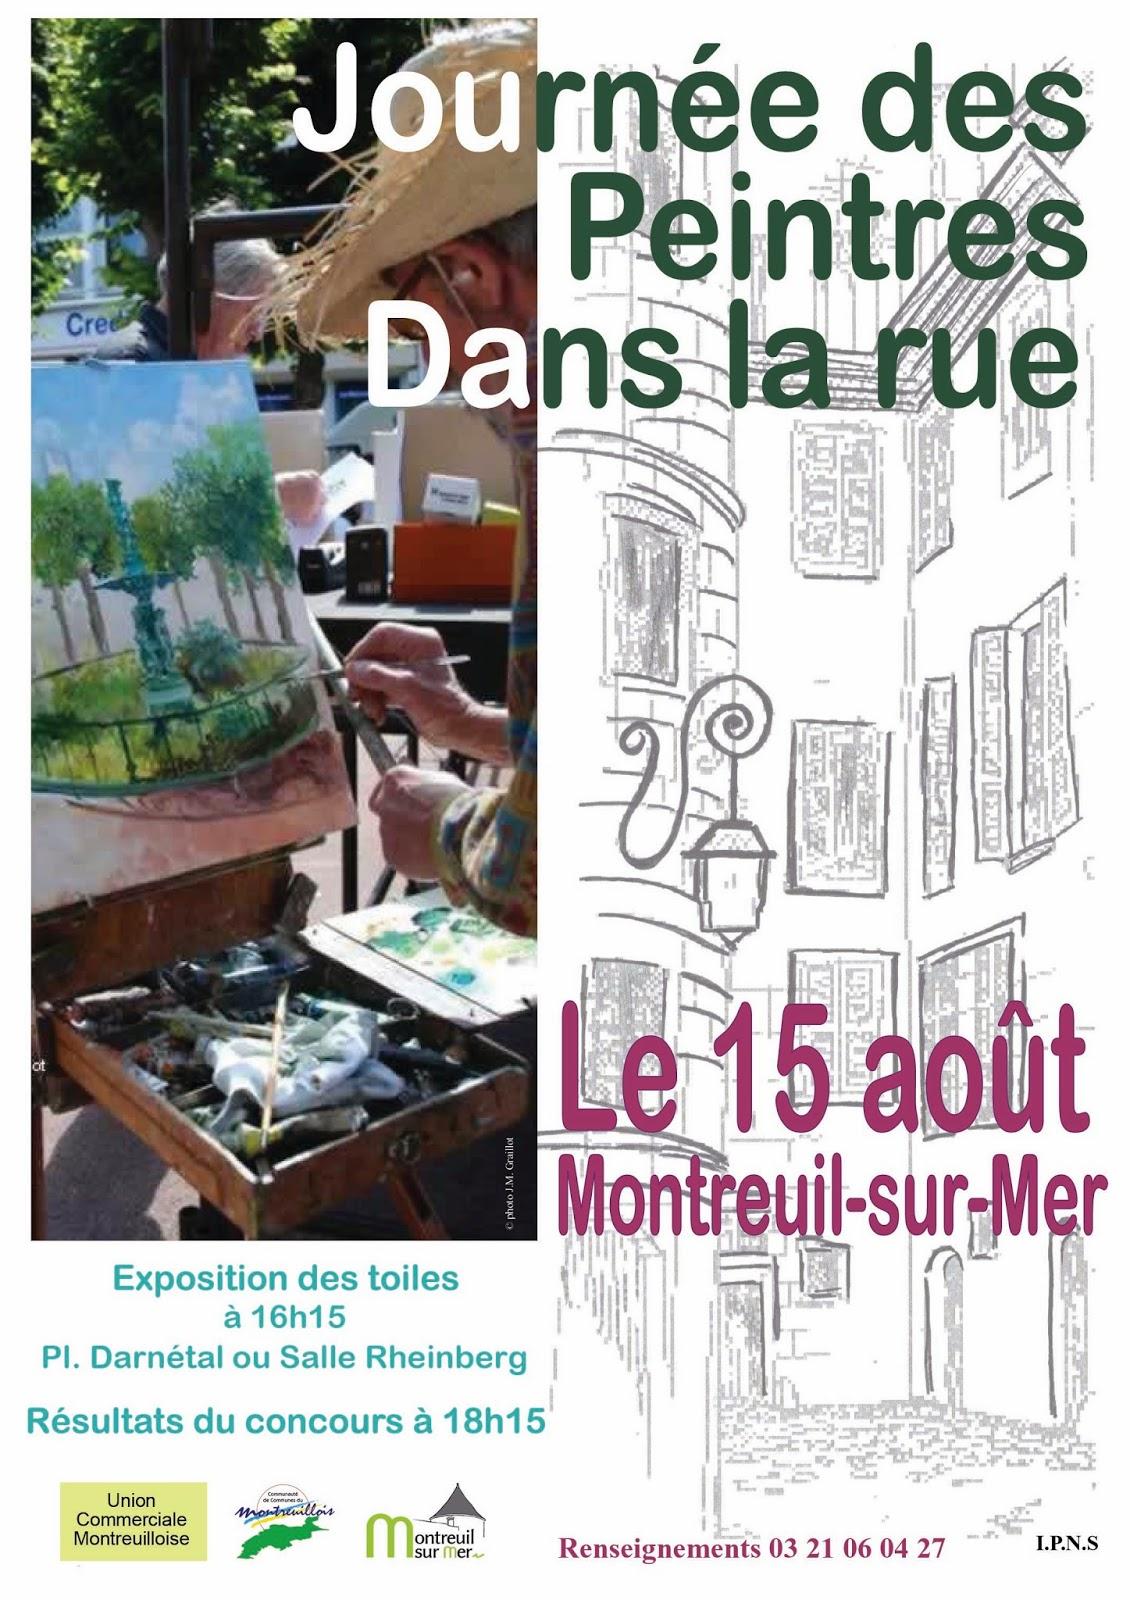 Rencontres artistiques en montreuillois journ e des peintres - Office tourisme montreuil sur mer ...